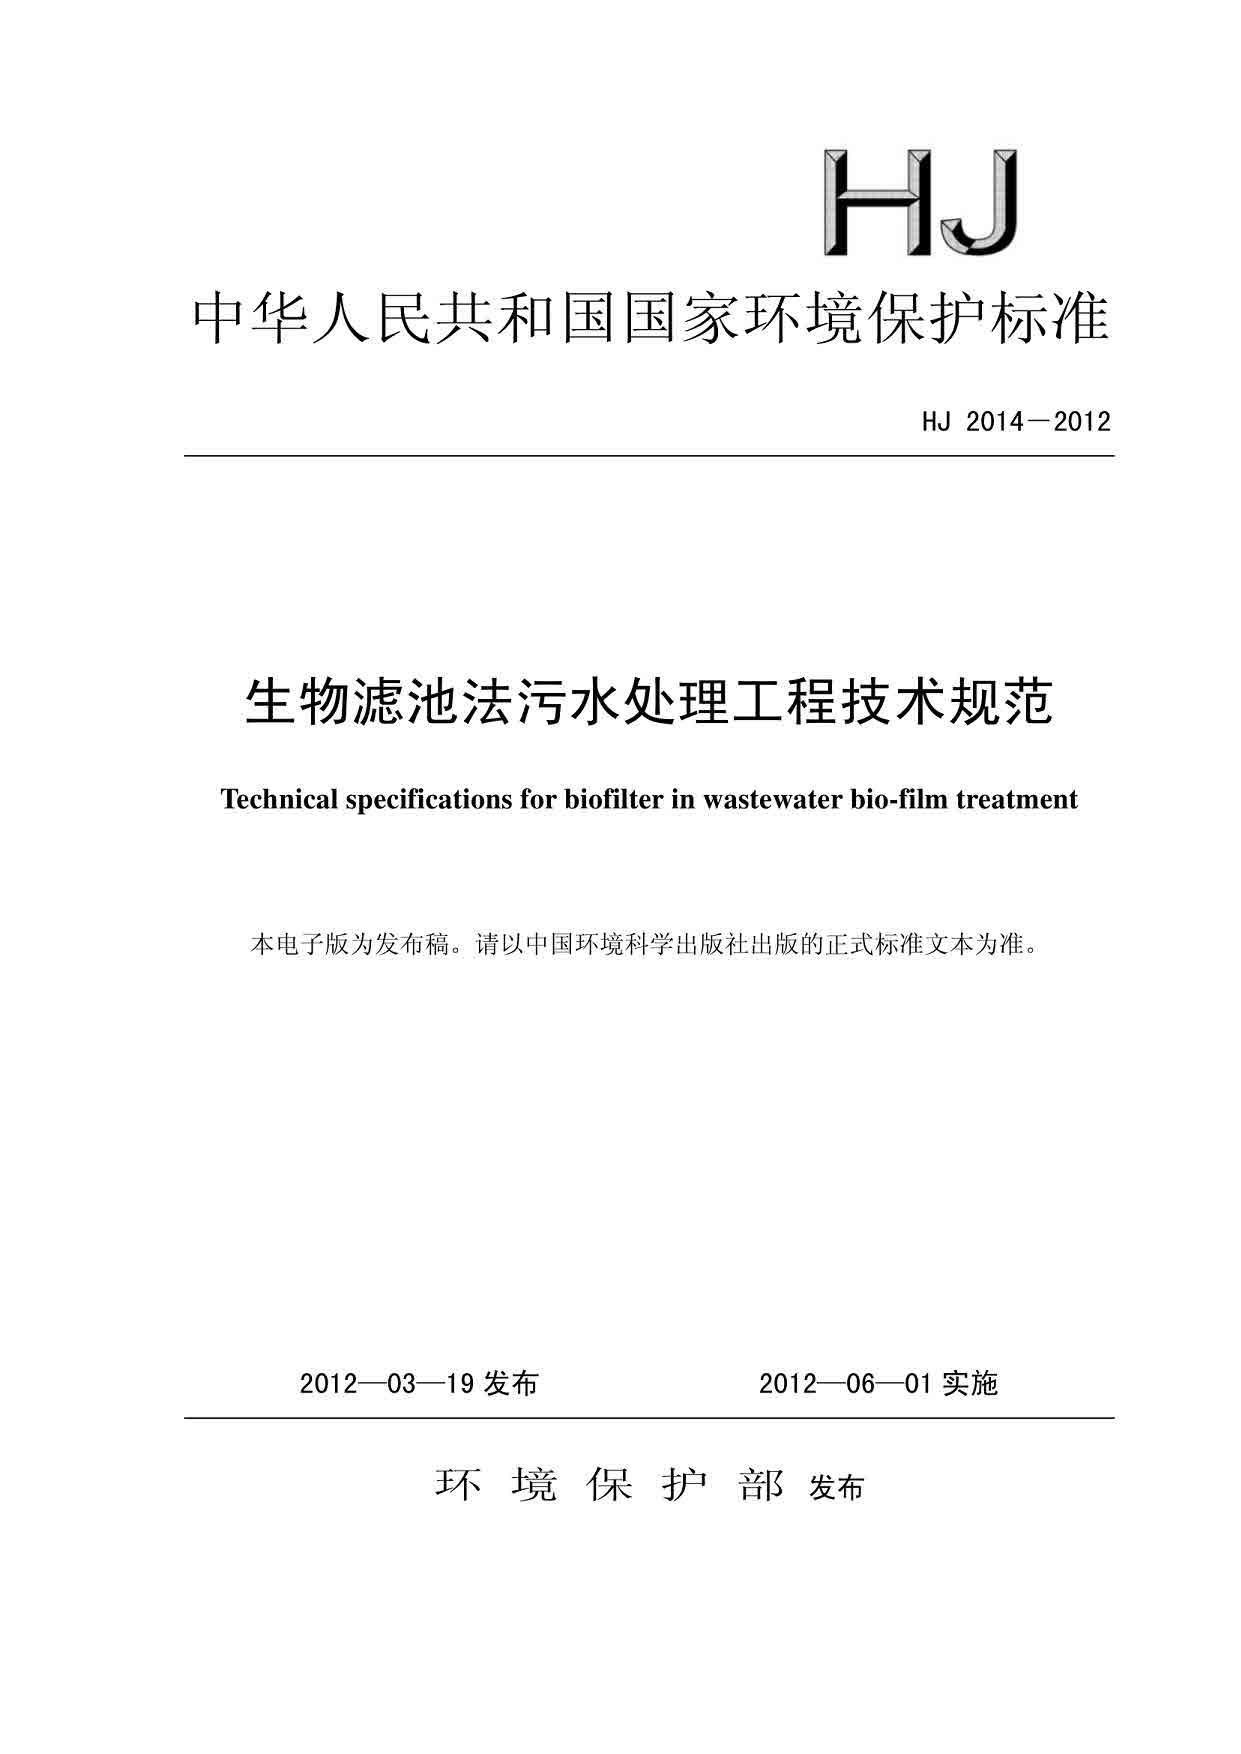 生物滤池法污水处理工程技术规范HJ2014-2012